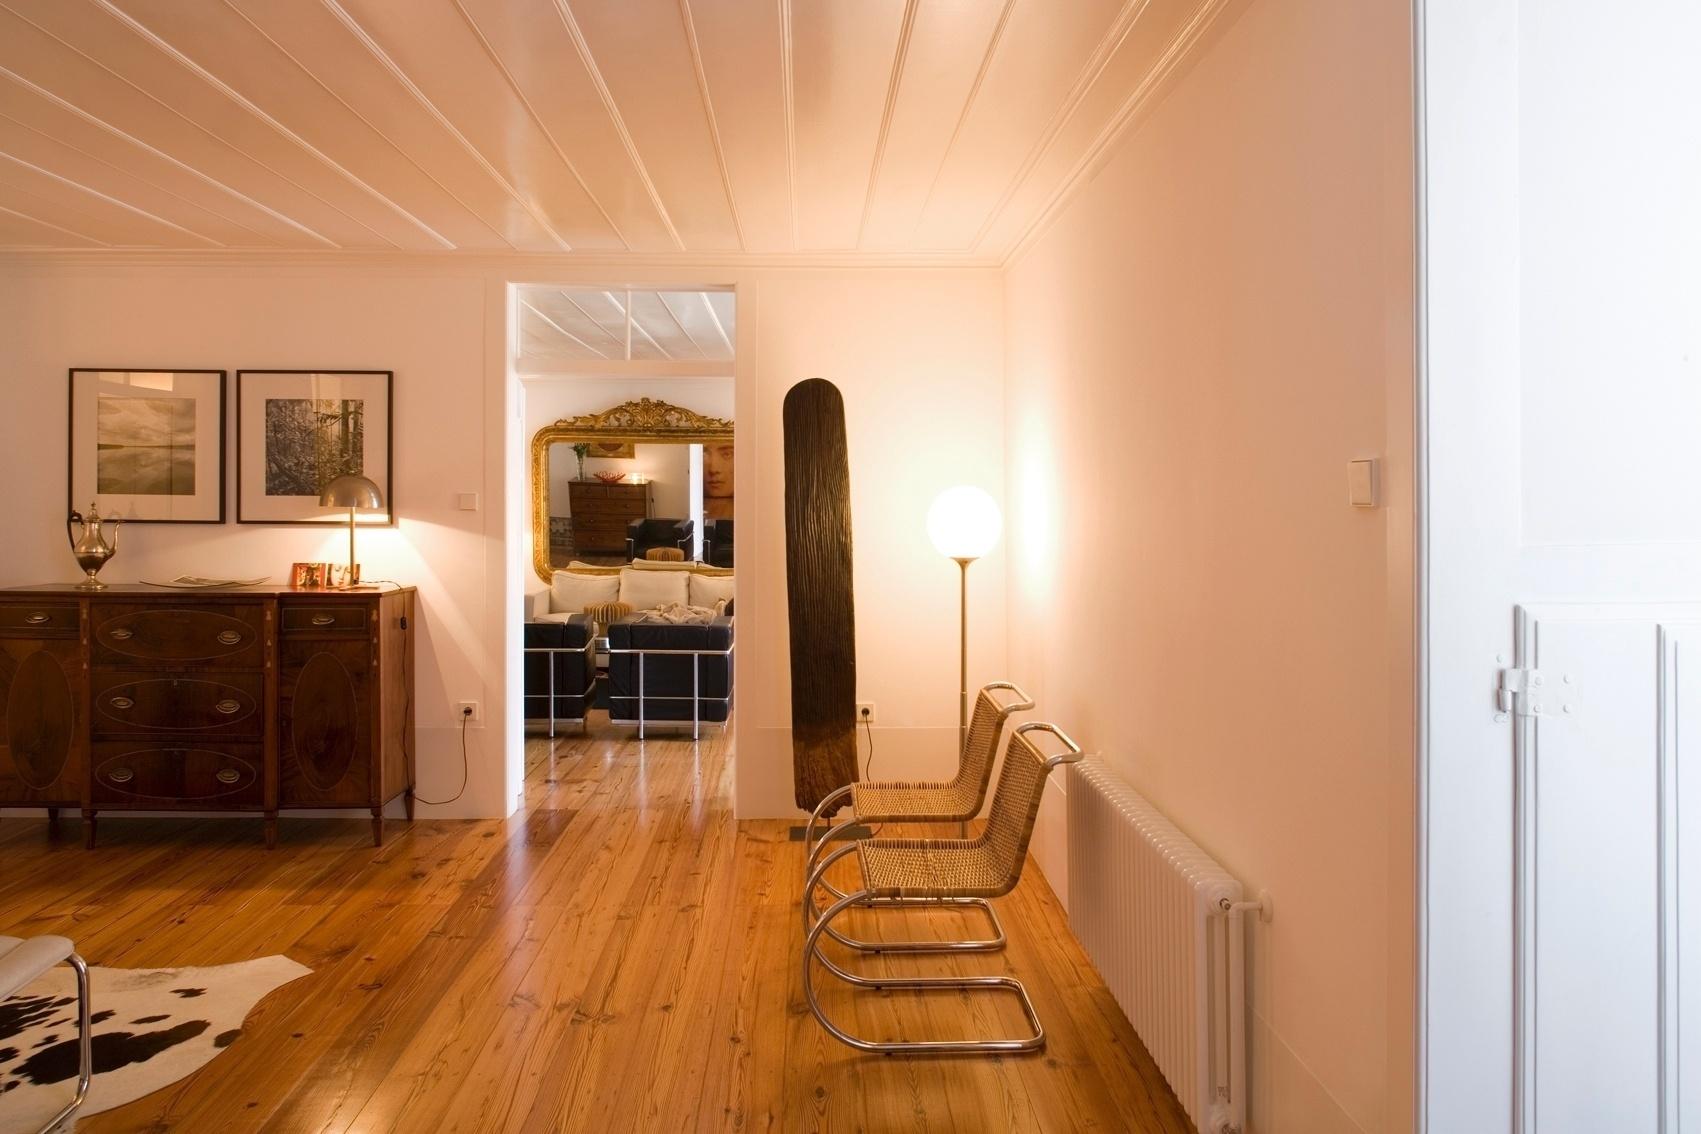 O projeto para a reforma da Casa Maria Borges é de 2006 e a ideia era transformar a construção com quase 300 anos em uma moradia contemporânea, adaptada às necessidades atuais. Todavia, não se pretendia que a carga histórica do passado ou suas características arquitetônicas se perdessem. Assim, o projeto do Atelier Bugio, em Lisboa, buscou manter traços originais, como o piso de madeira e os vãos com alturas generosas